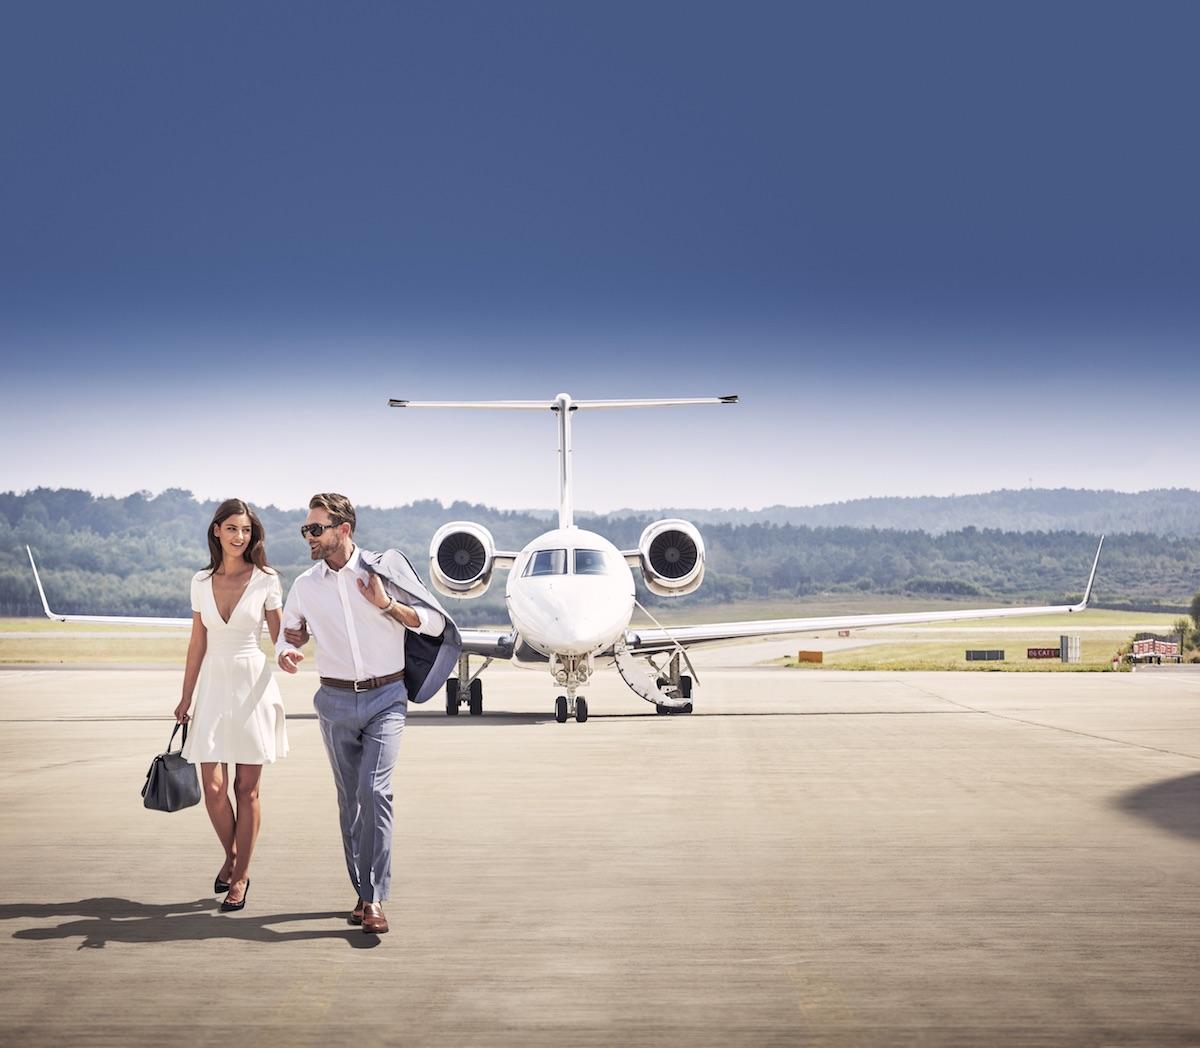 reisen flugreisen deutschland schweiz italien frankreich england preise buchung privat business jet luxuriös